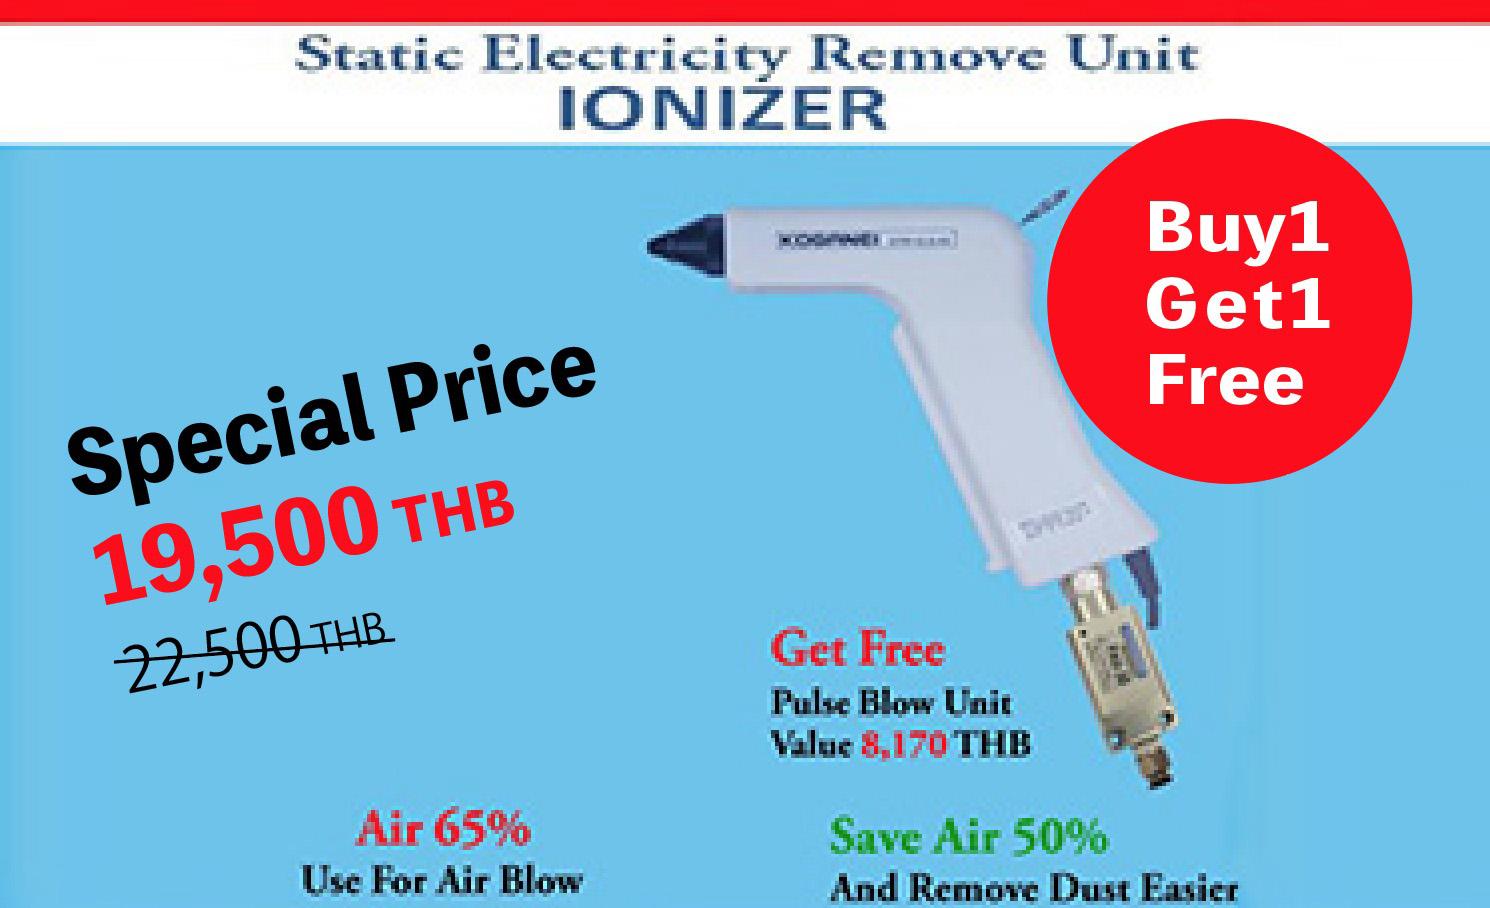 KOGANEI Ionizer Gun ปืนกำจัดไฟฟ้าสถิต เพื่อช่วยในการประหยัดพลังงานที่จะทำให้โรงงานของคุณประหยัดค่าใช้จ่ายไปได้มาก 50% พิเศษสุดกับโปรโมชั่นซื้อ 1 แถมอีก 1 จนถึงสิ้นเดือนพฤษภาคม 63 เท่านั้น!